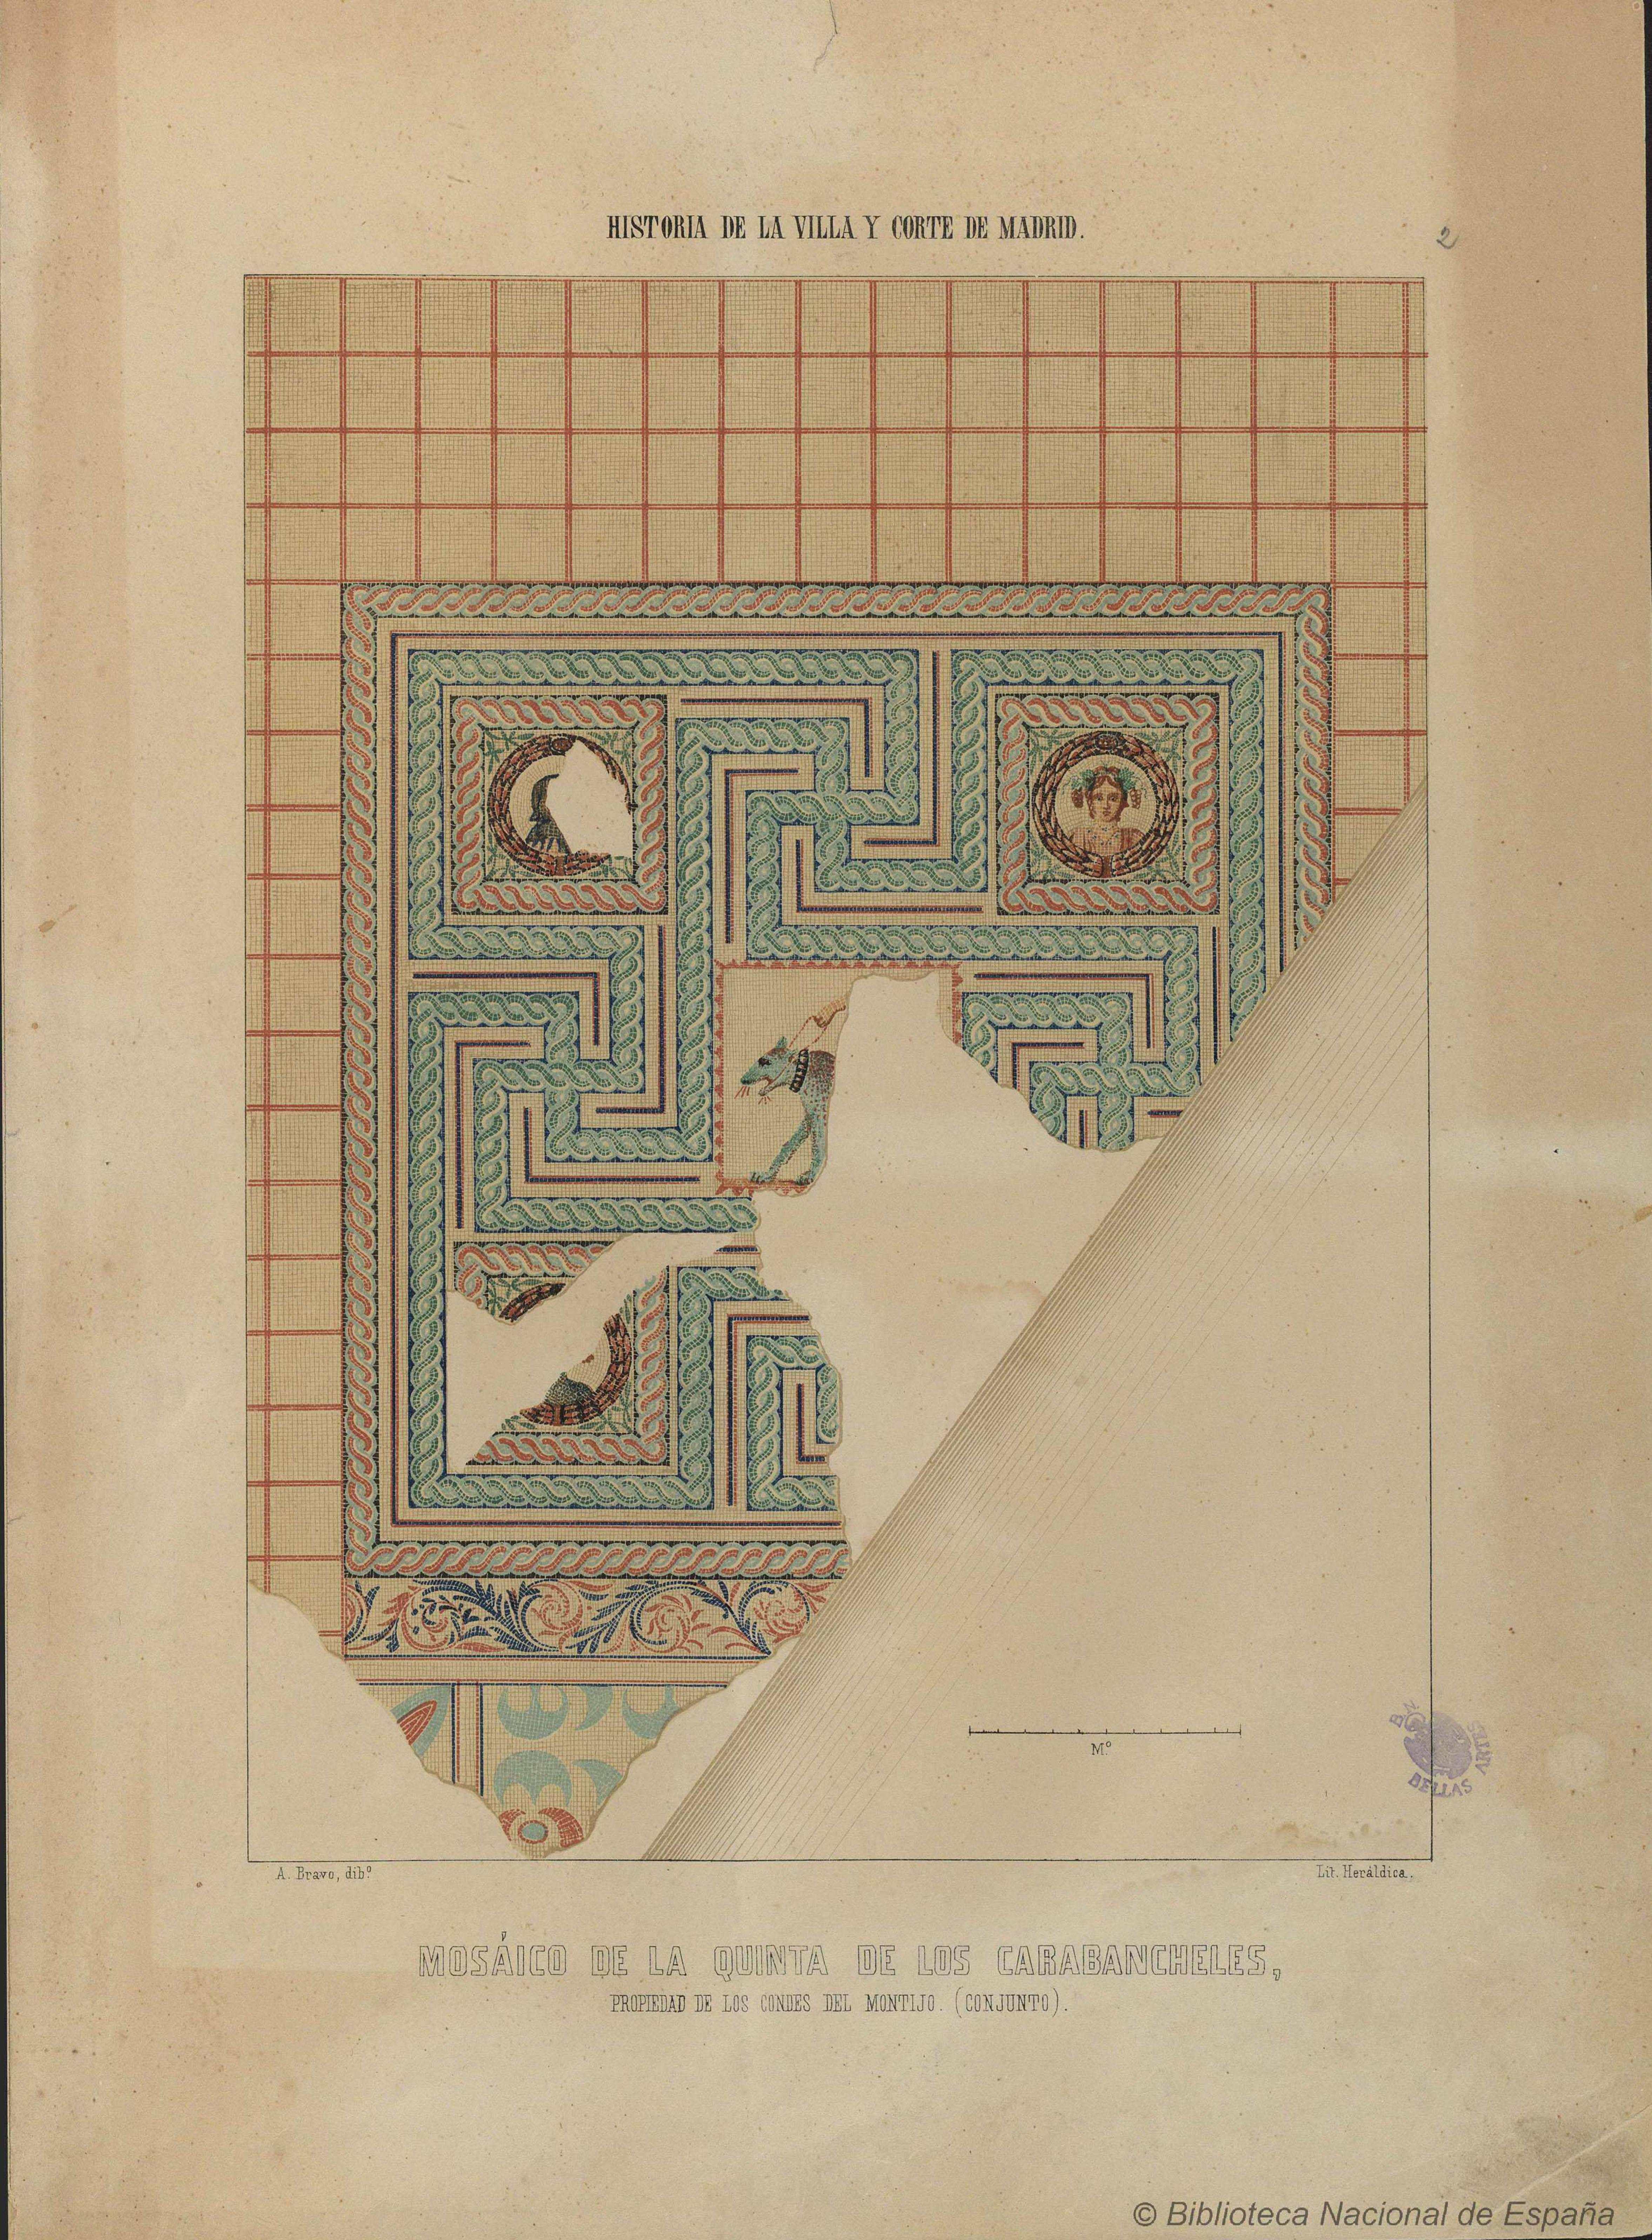 Mosaico de los Carabancheles . Litografía de Antonio Bravo (1860)